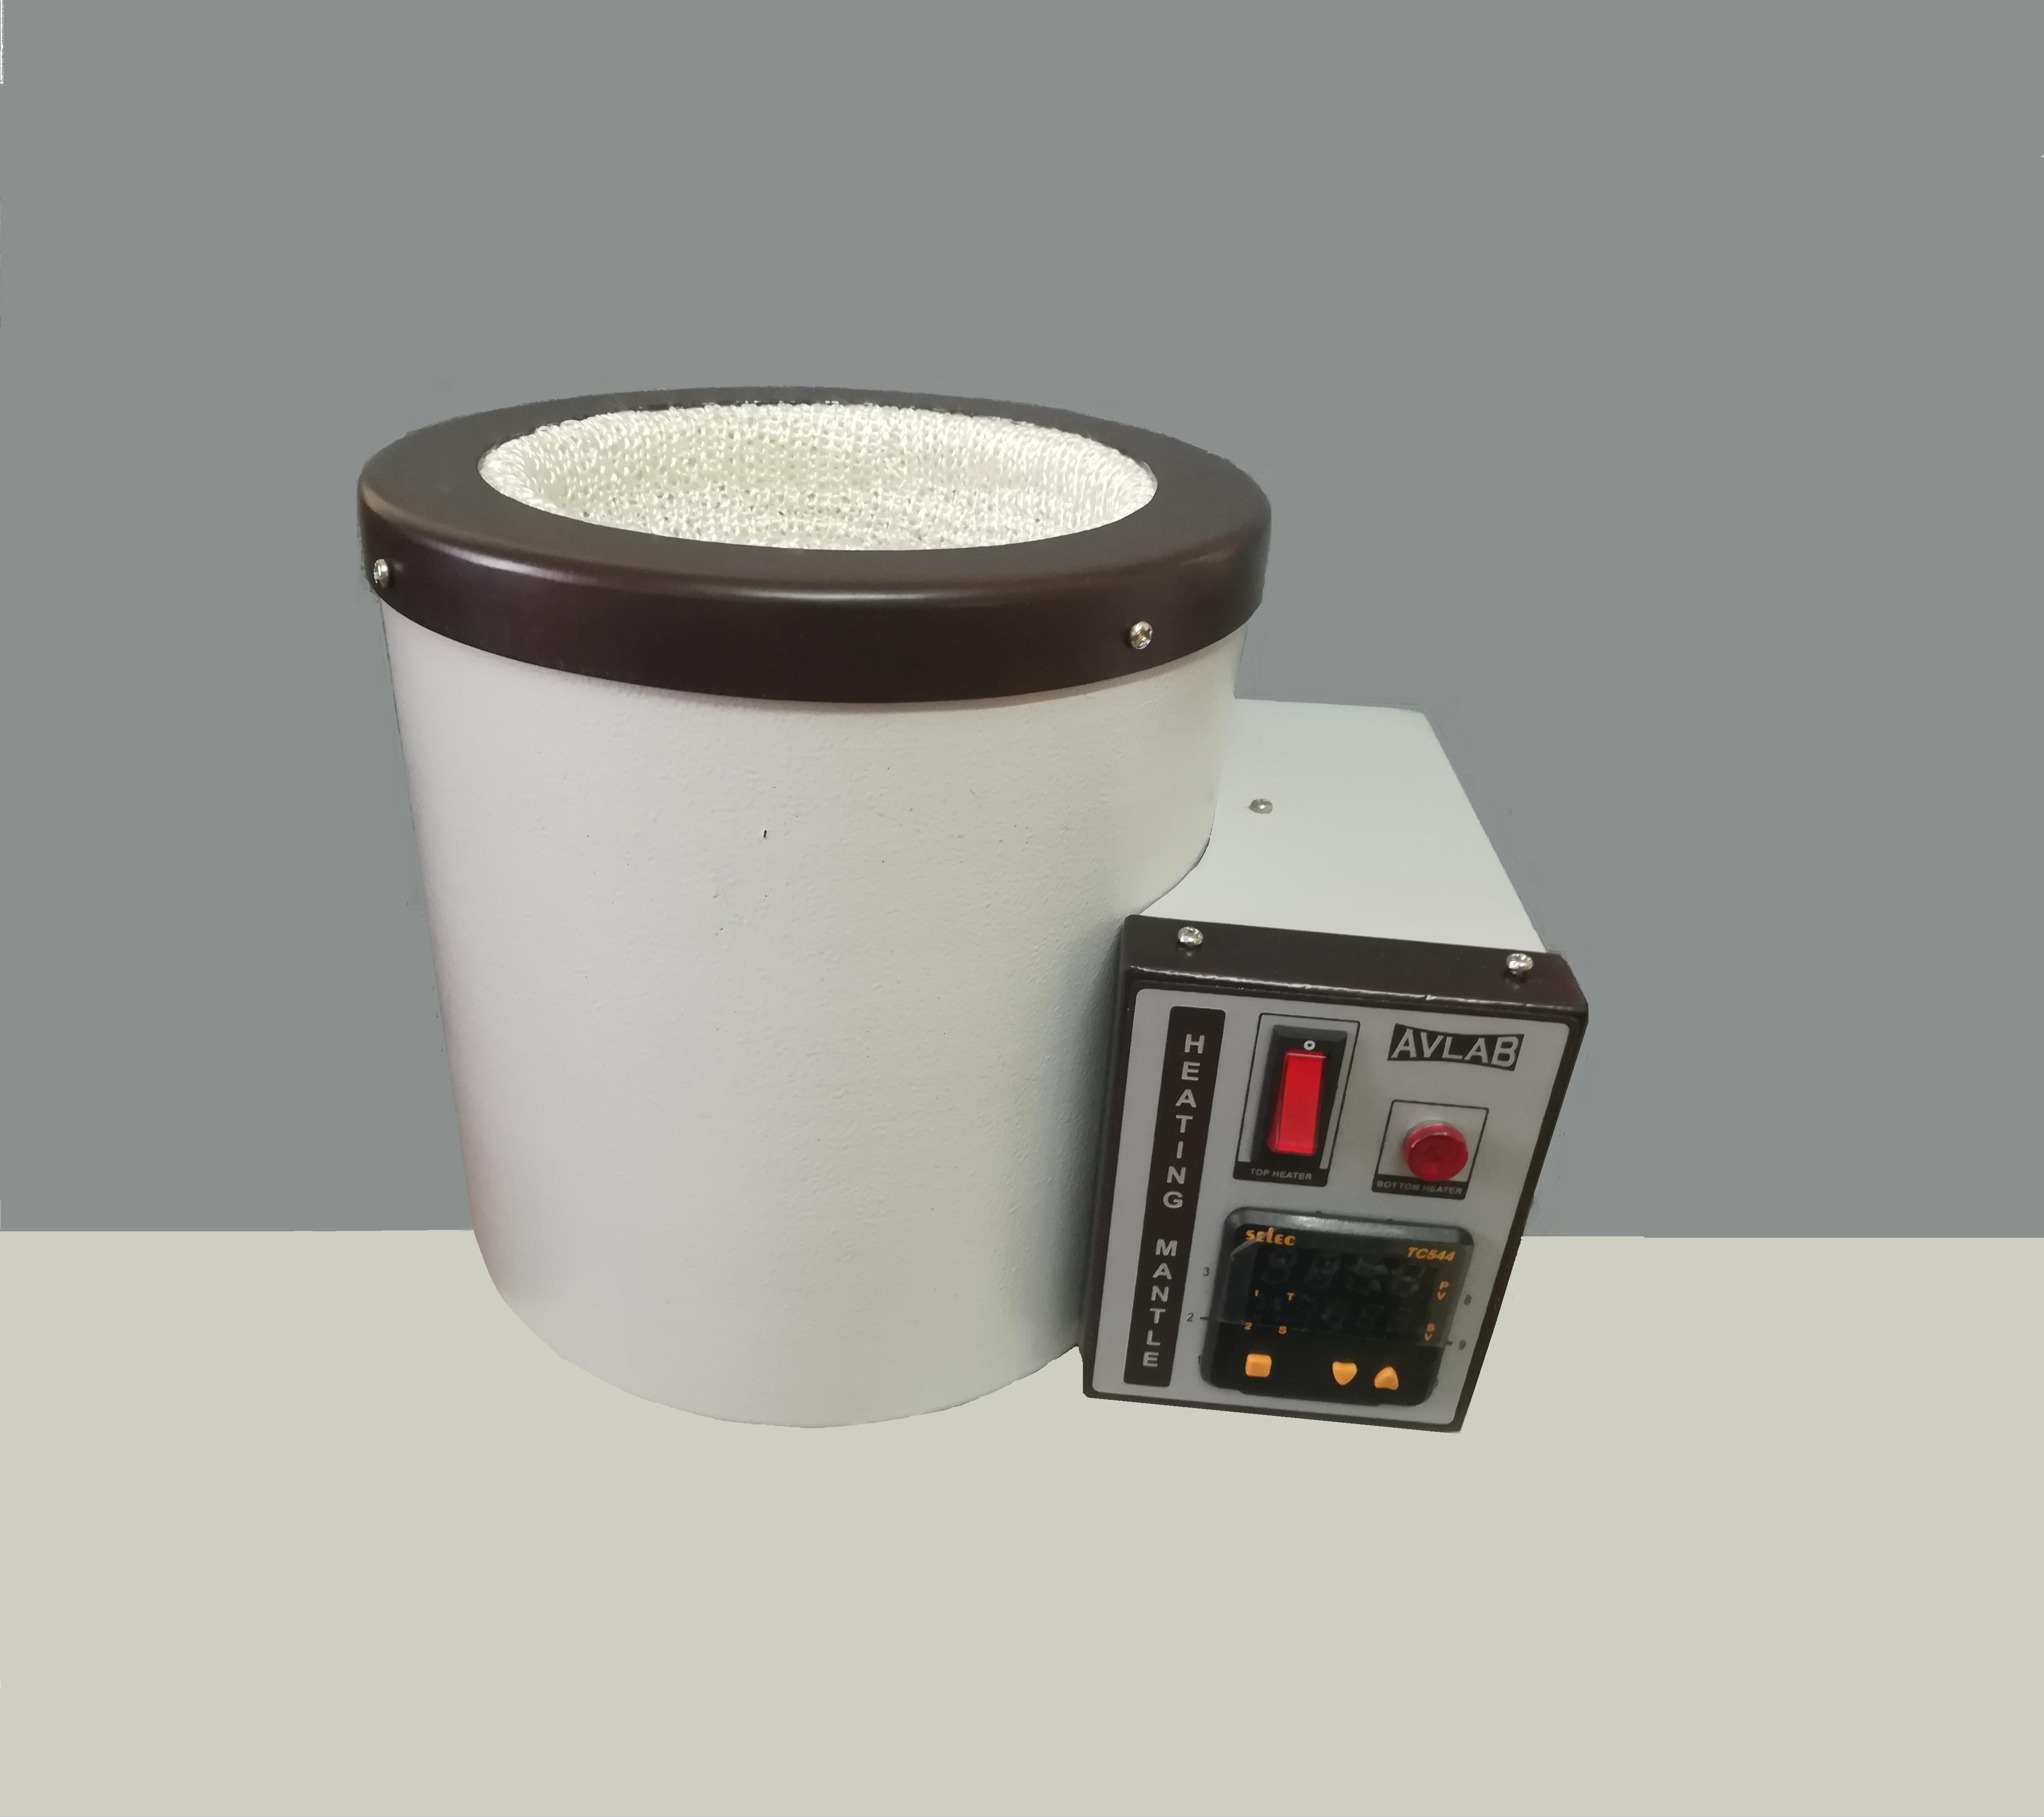 Digital Heating Mantle